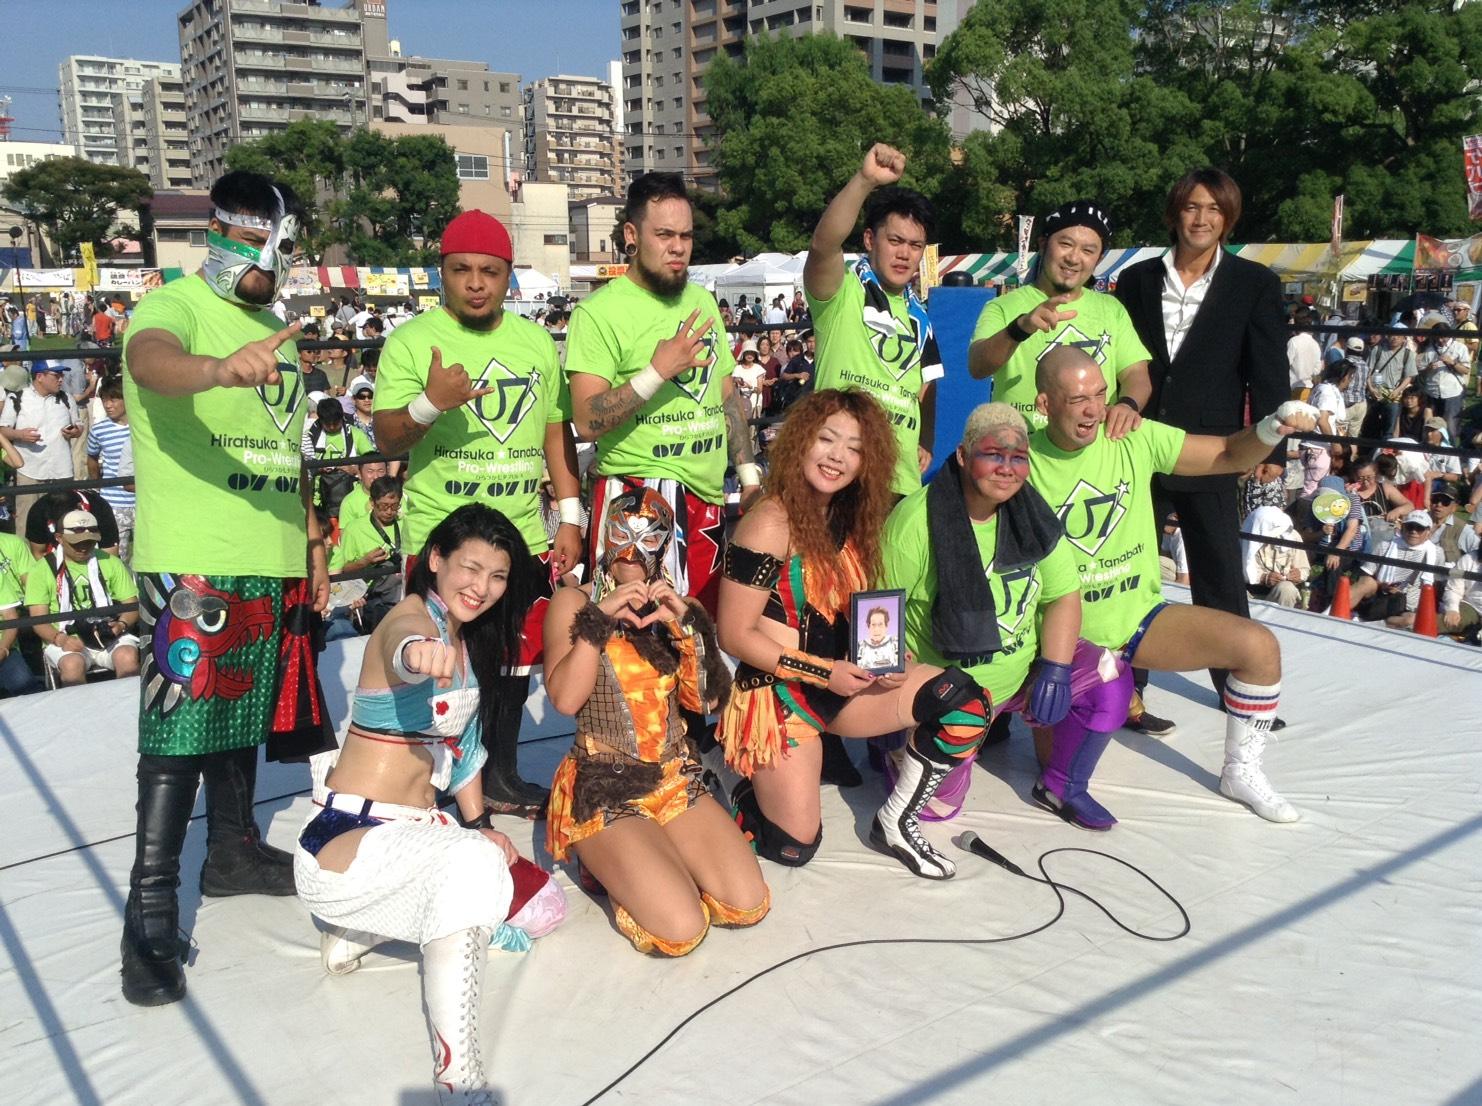 本日開催『七夕プロレス』は超満員の観客の中、アジャコングとタッグの松本浩代が東海道落としで勝利!